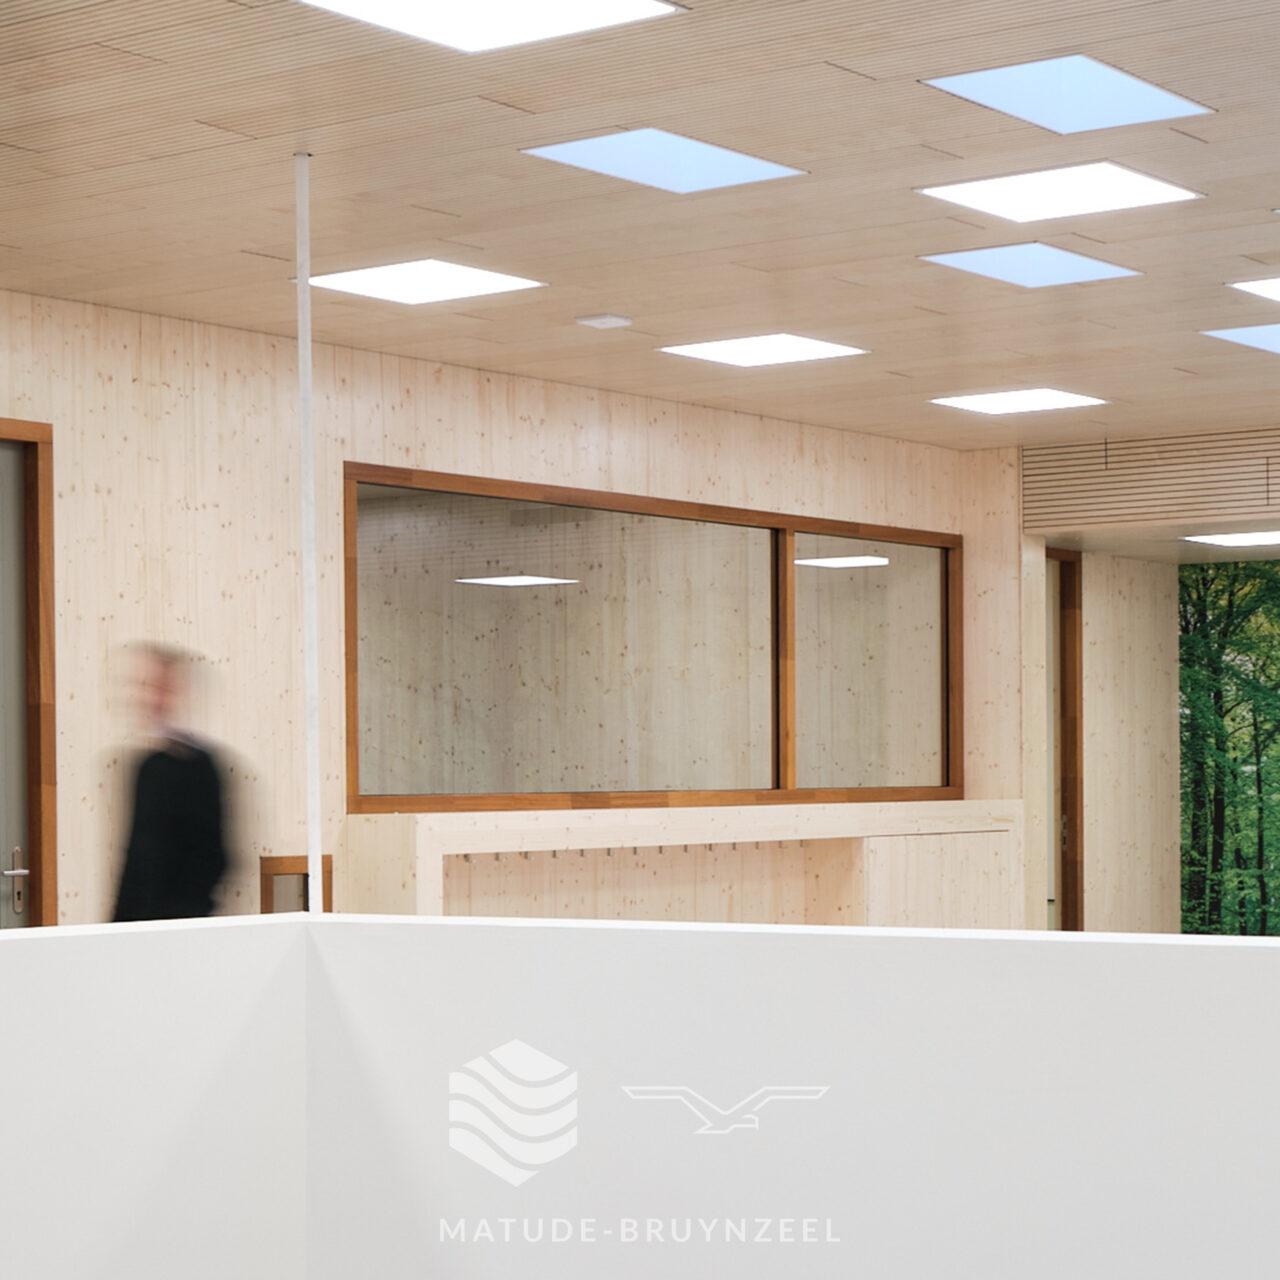 https://www.matude.nl/wp-content/uploads/2020/12/Matude_Bruynzeel_MFA_Voorn_Bruynzeel_Perfosound_Line_Akoestisch_Plafond_04-1280x1280.jpg